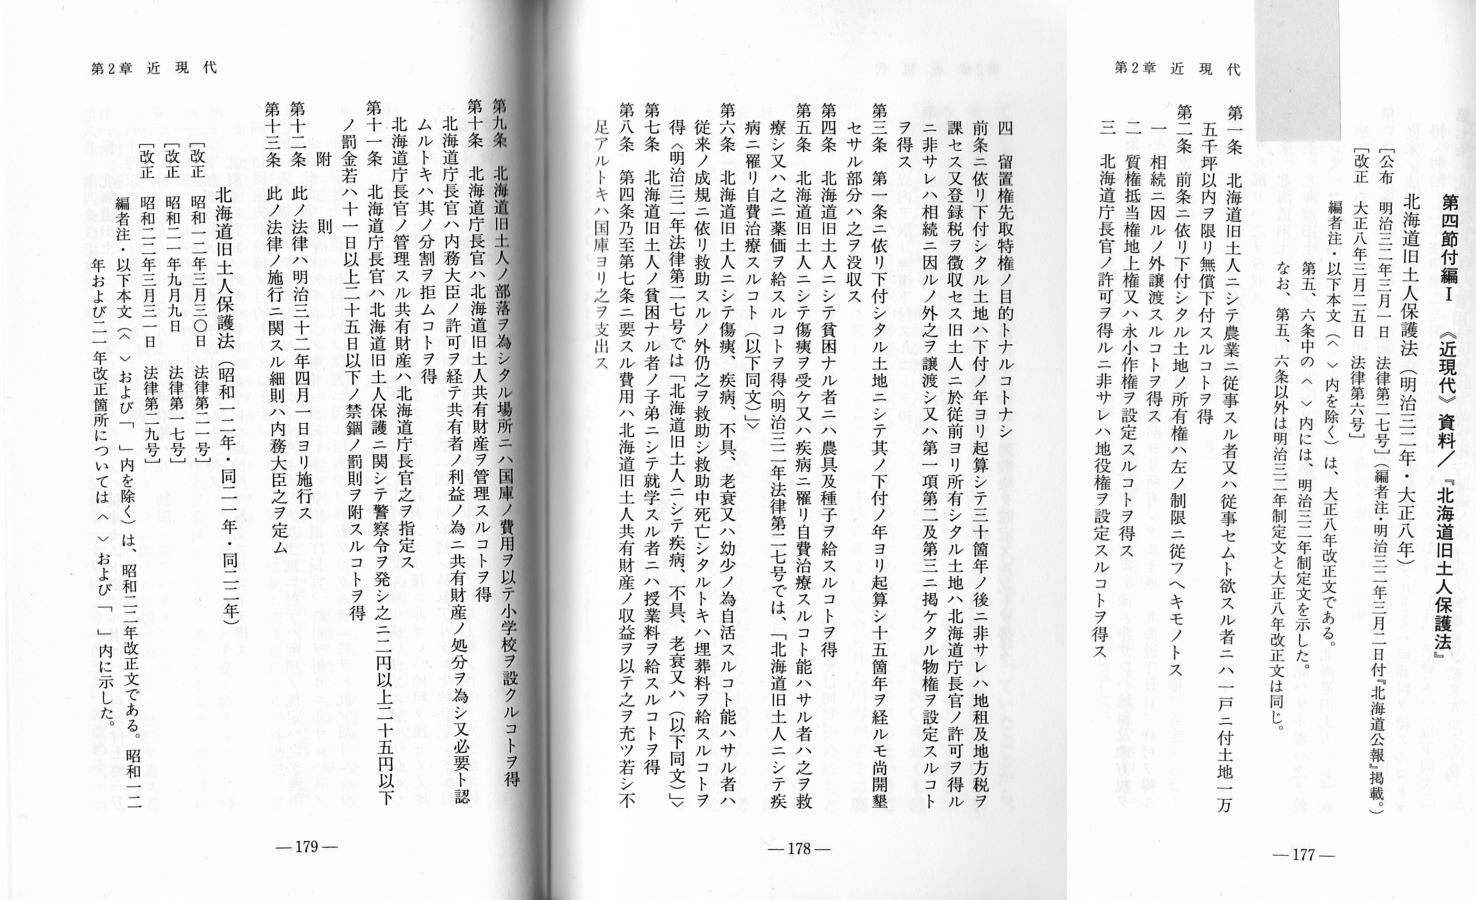 Kyu_dojin__m32